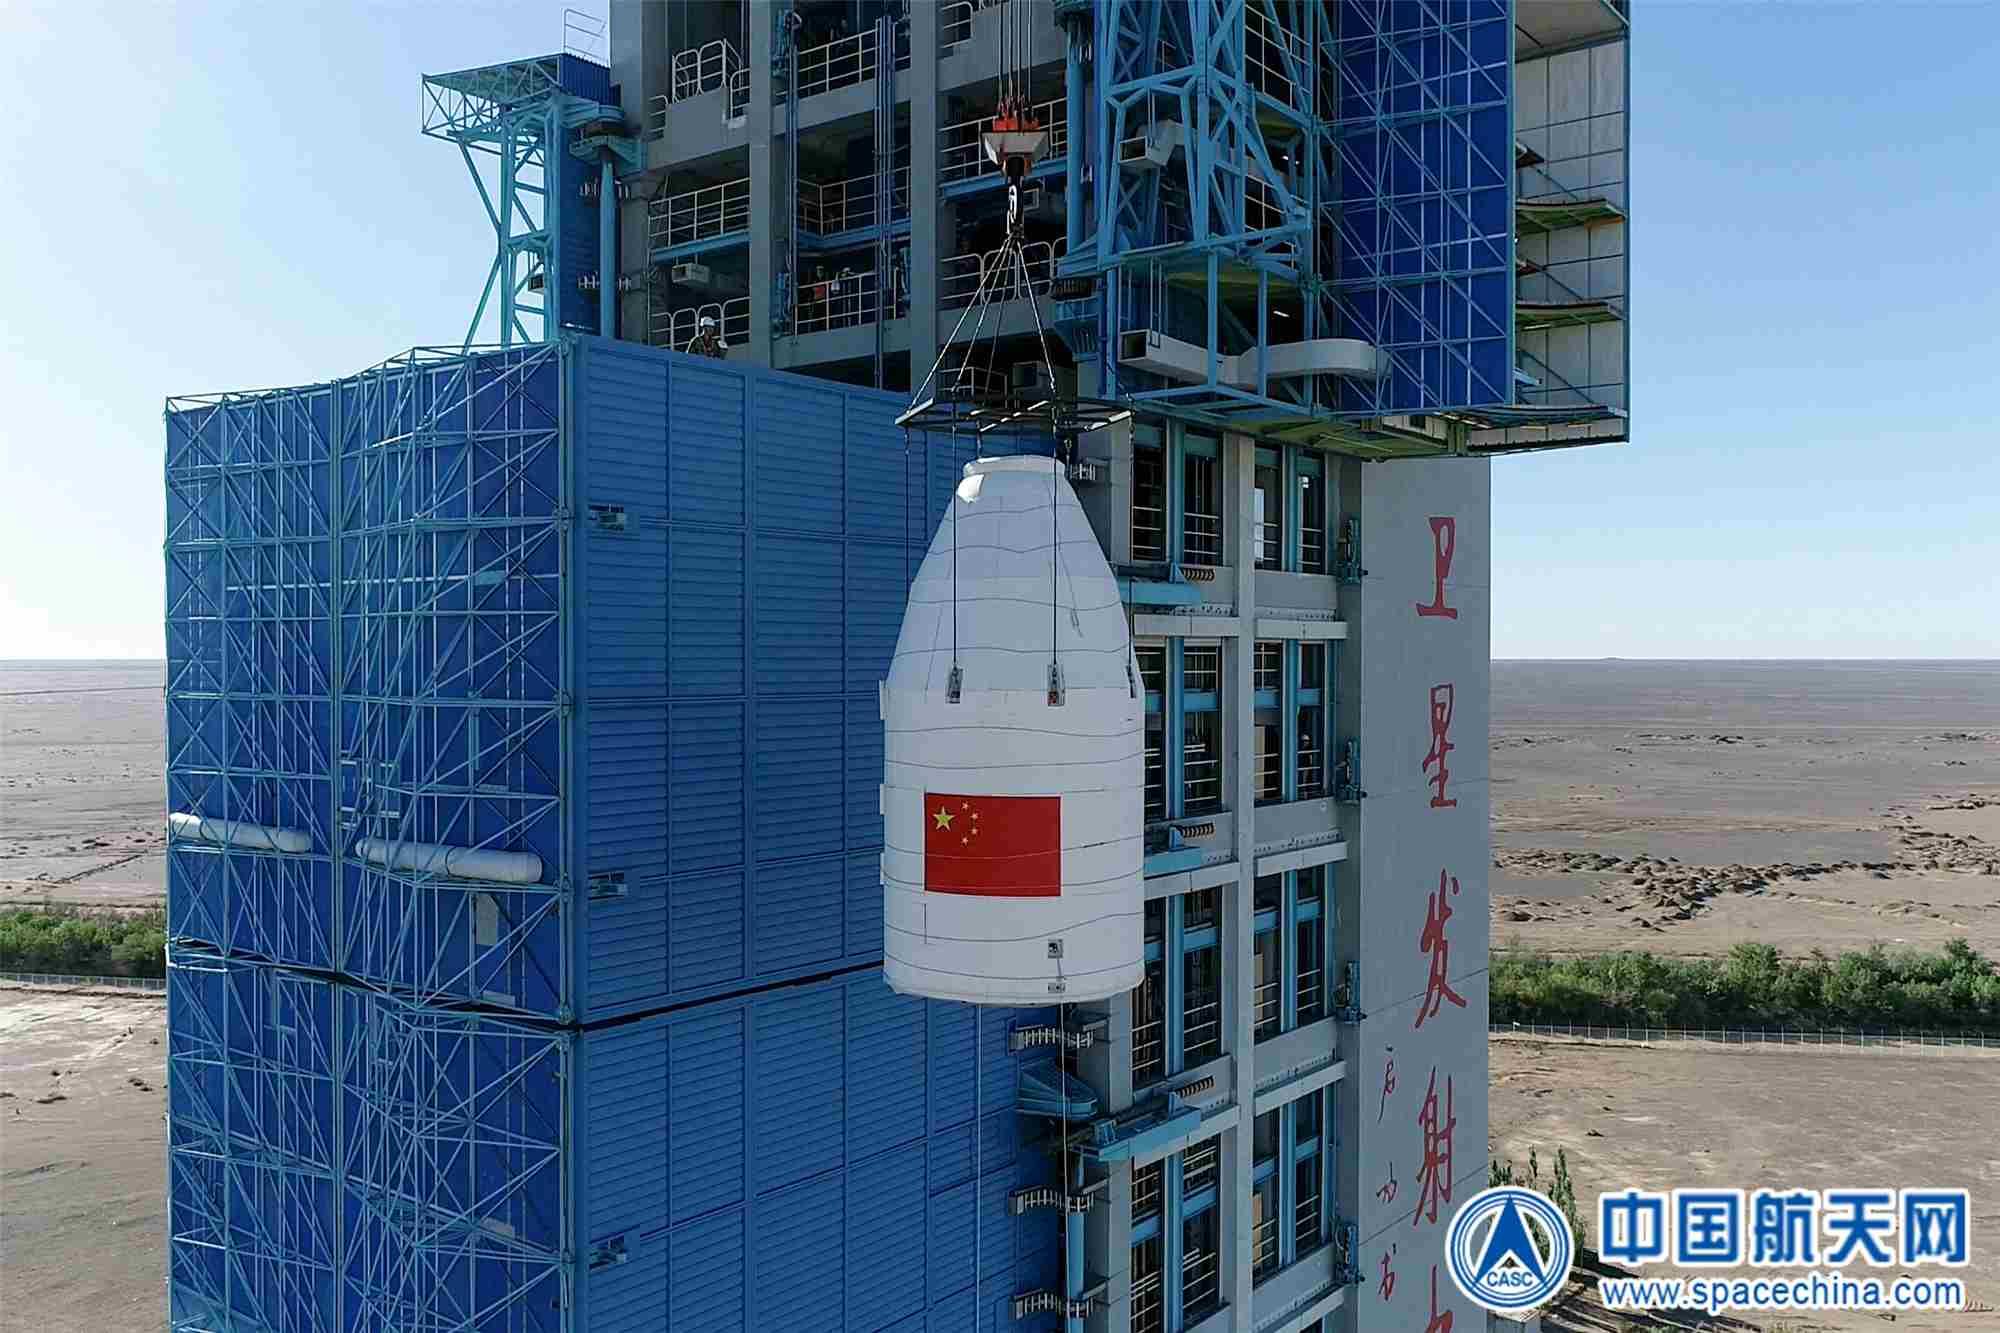 长征二号丁运载火箭成功执行50次发射任务侧记